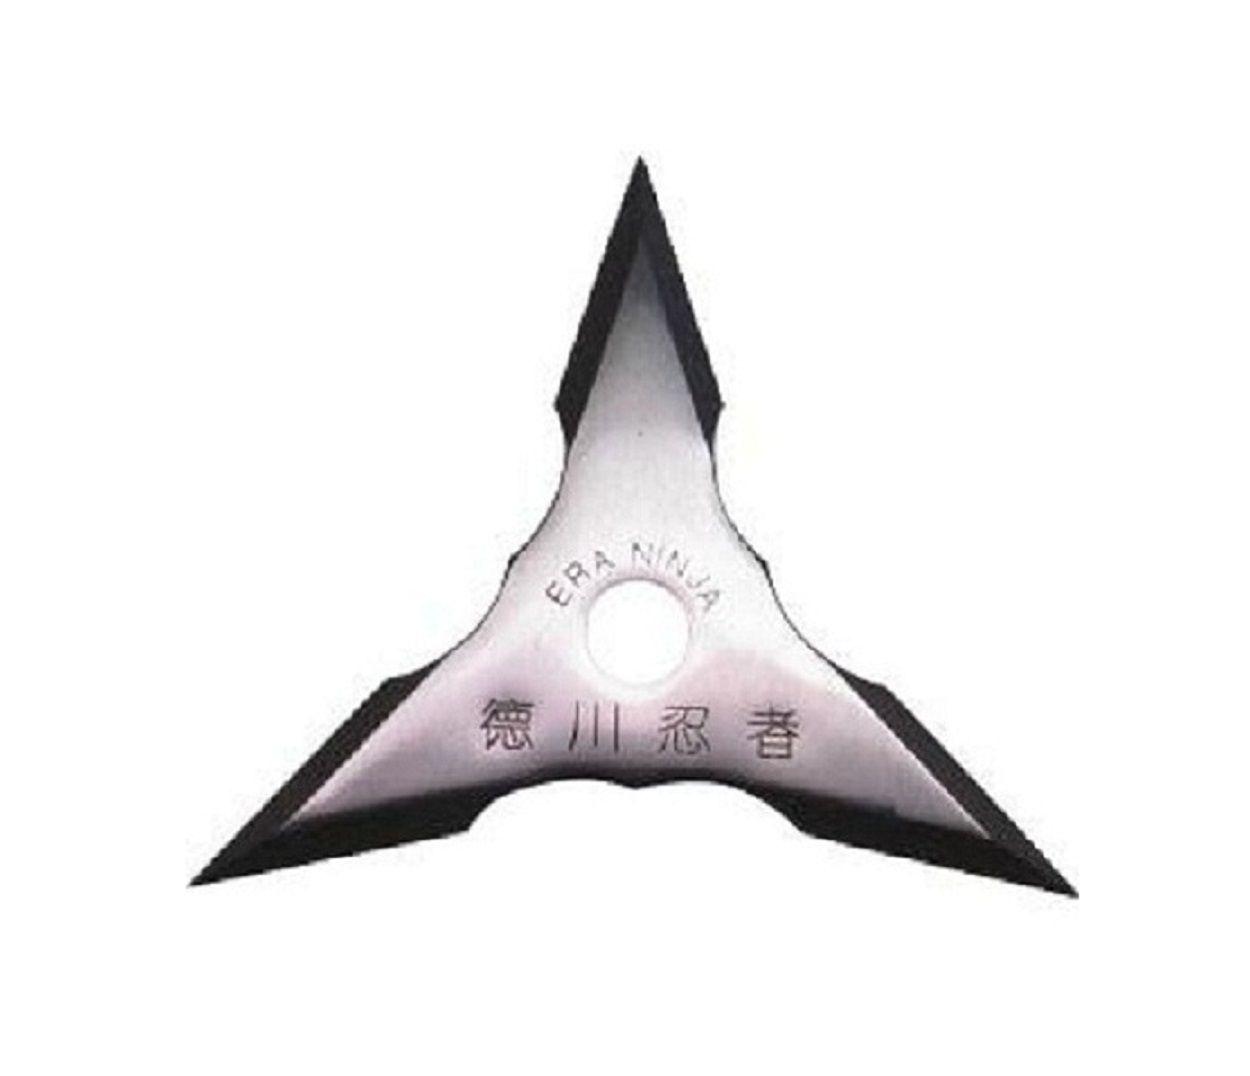 Ninja Pro Silver 3 Point